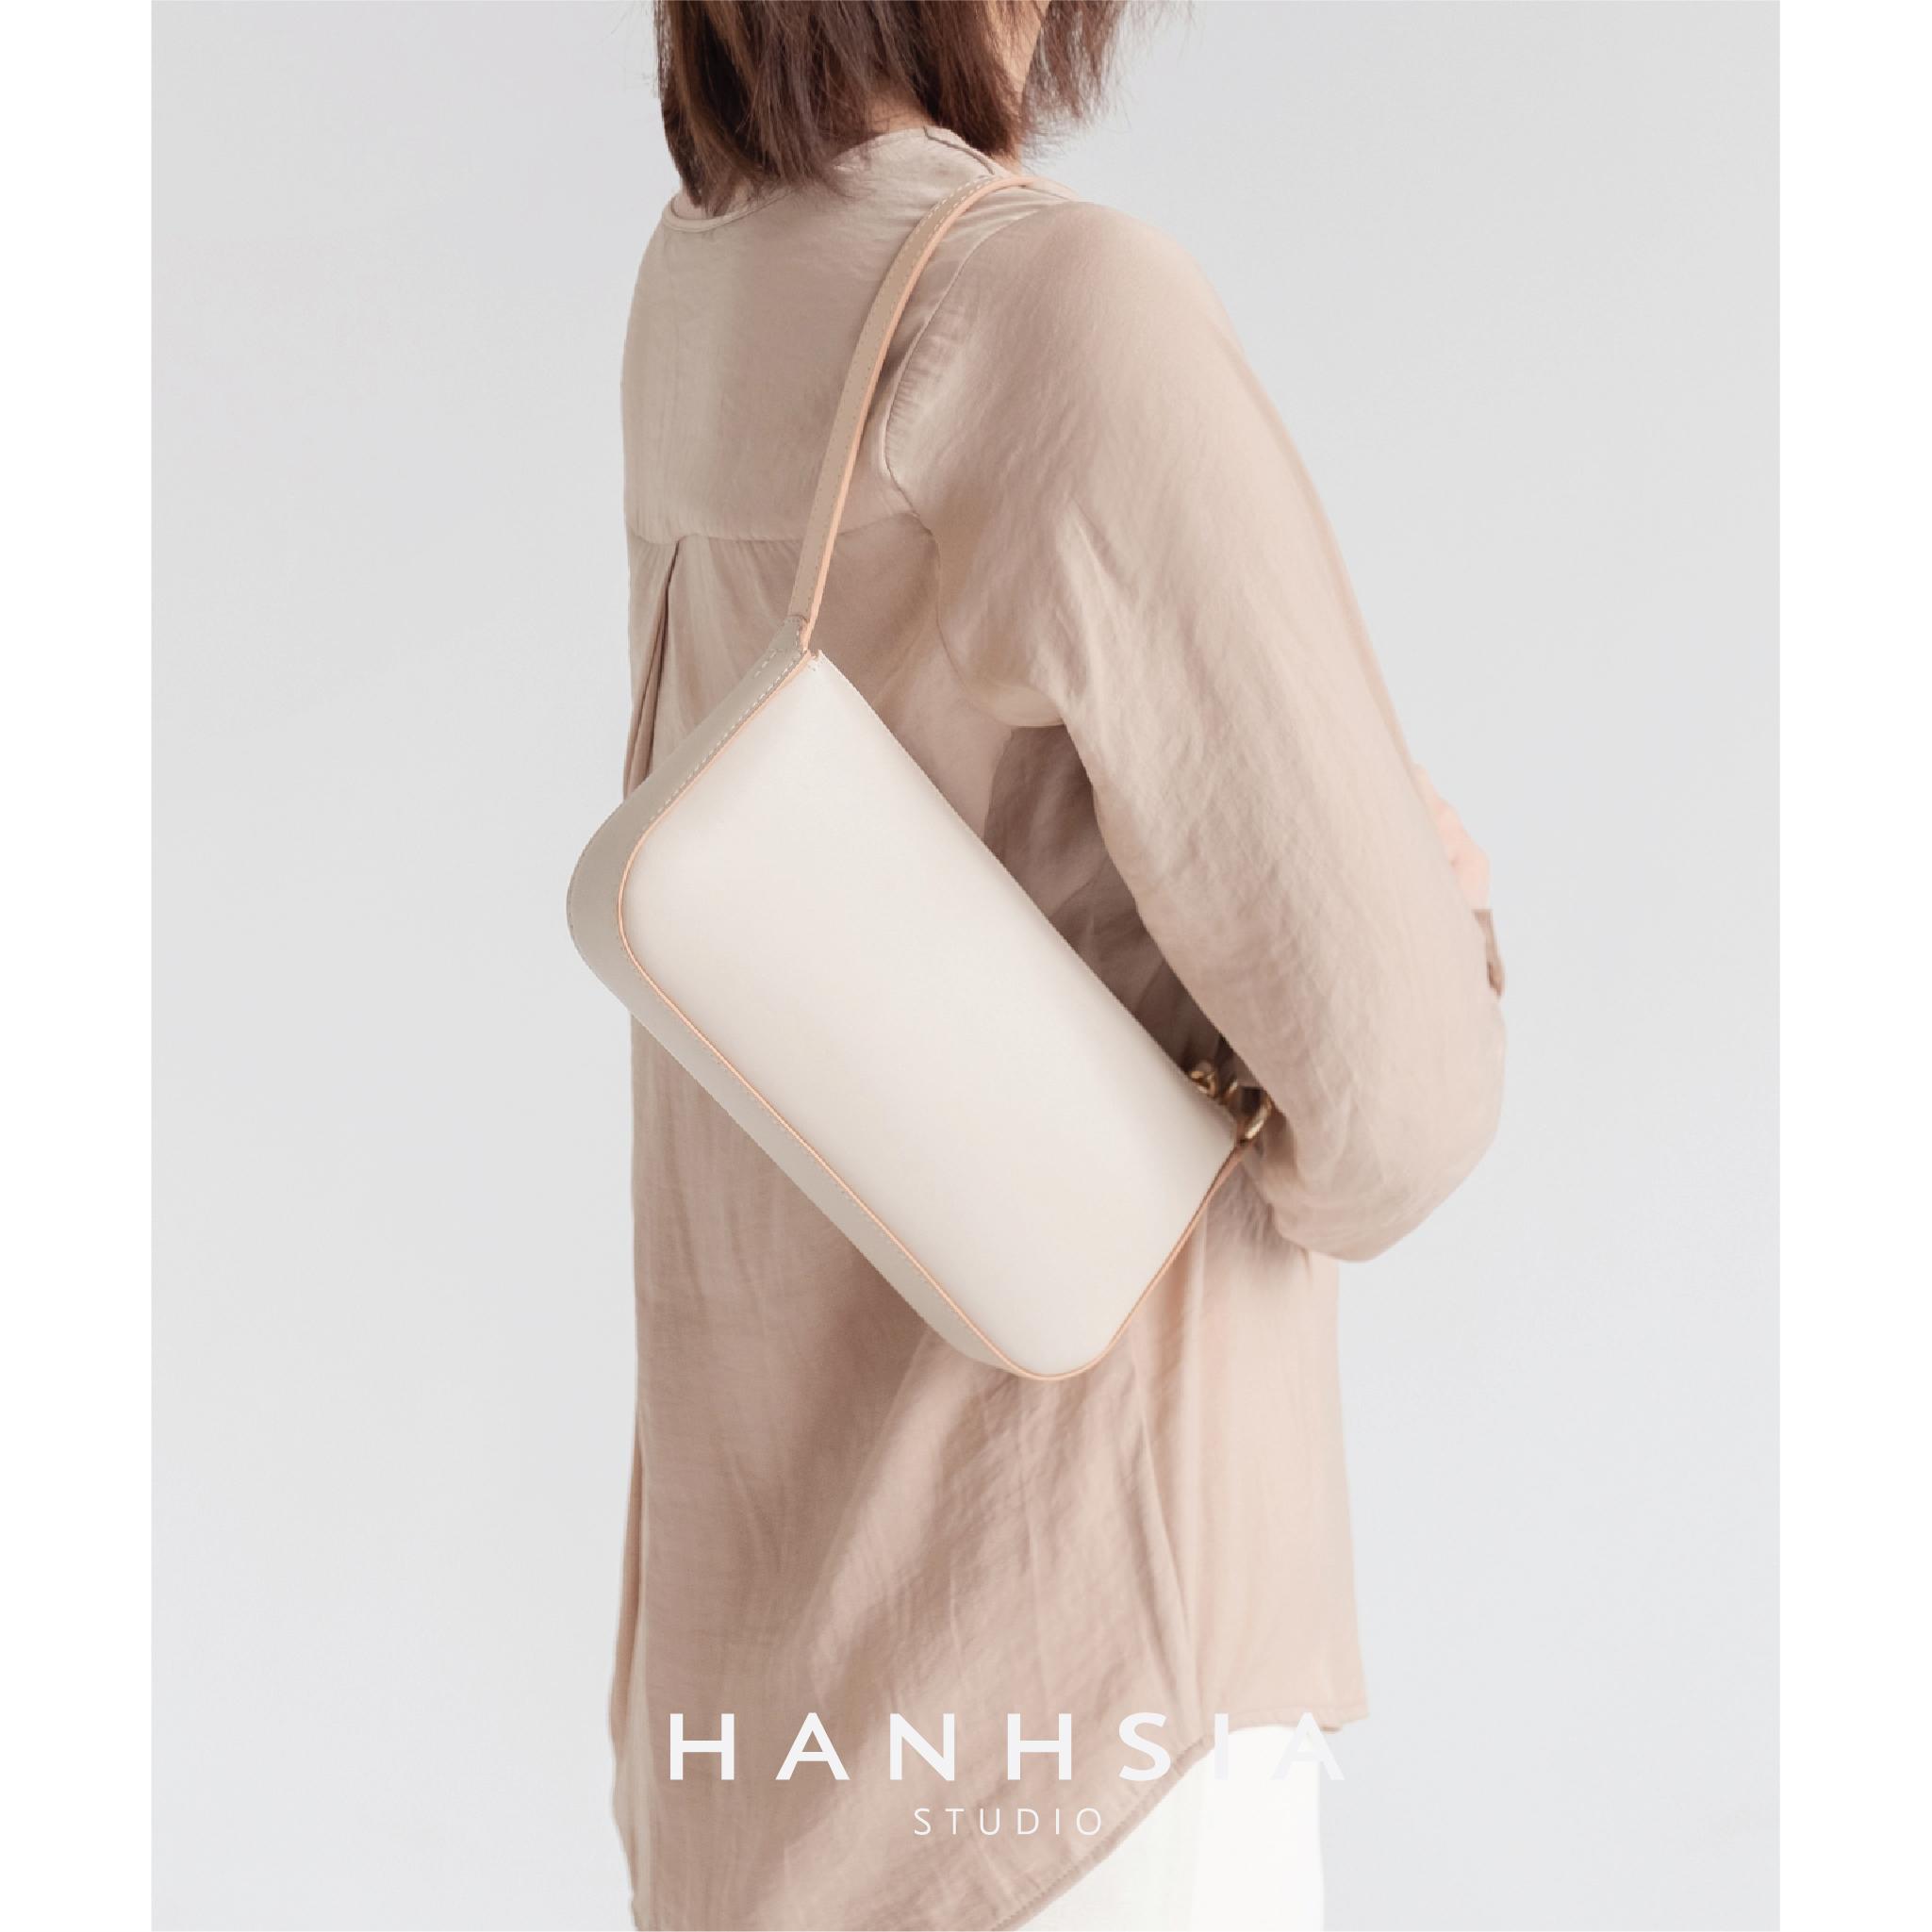 白色复古包 HANHSIA函夏手工高级感复古法式腋下包复古小众设计白色单肩包包_推荐淘宝好看的白色复古包